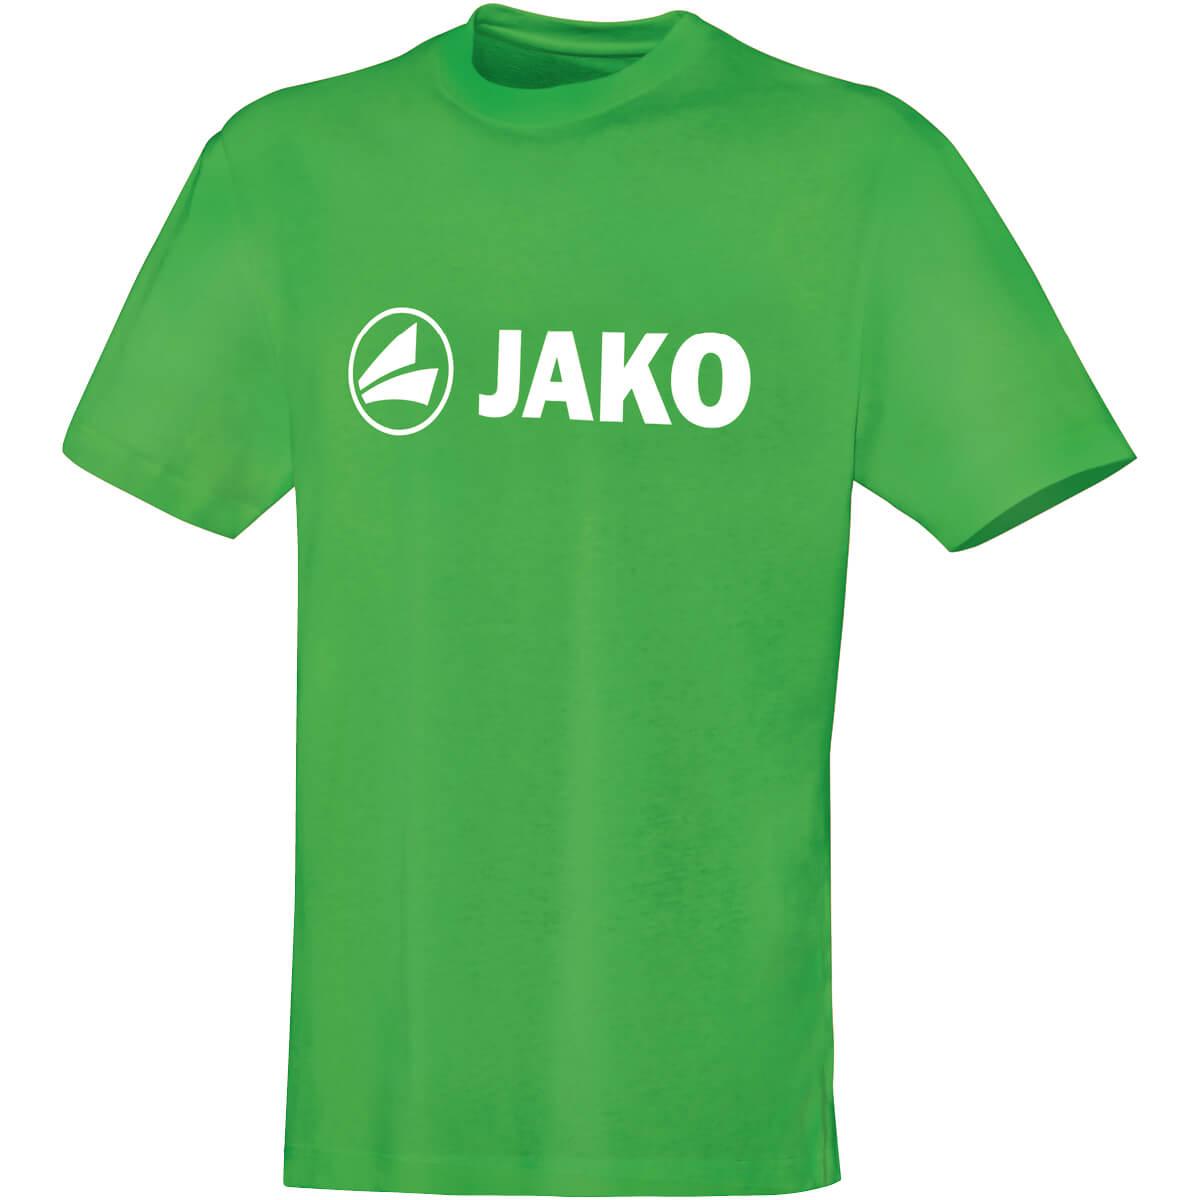 Jako T-Shirt Promo Herren 6163  | div. Größen / Farben